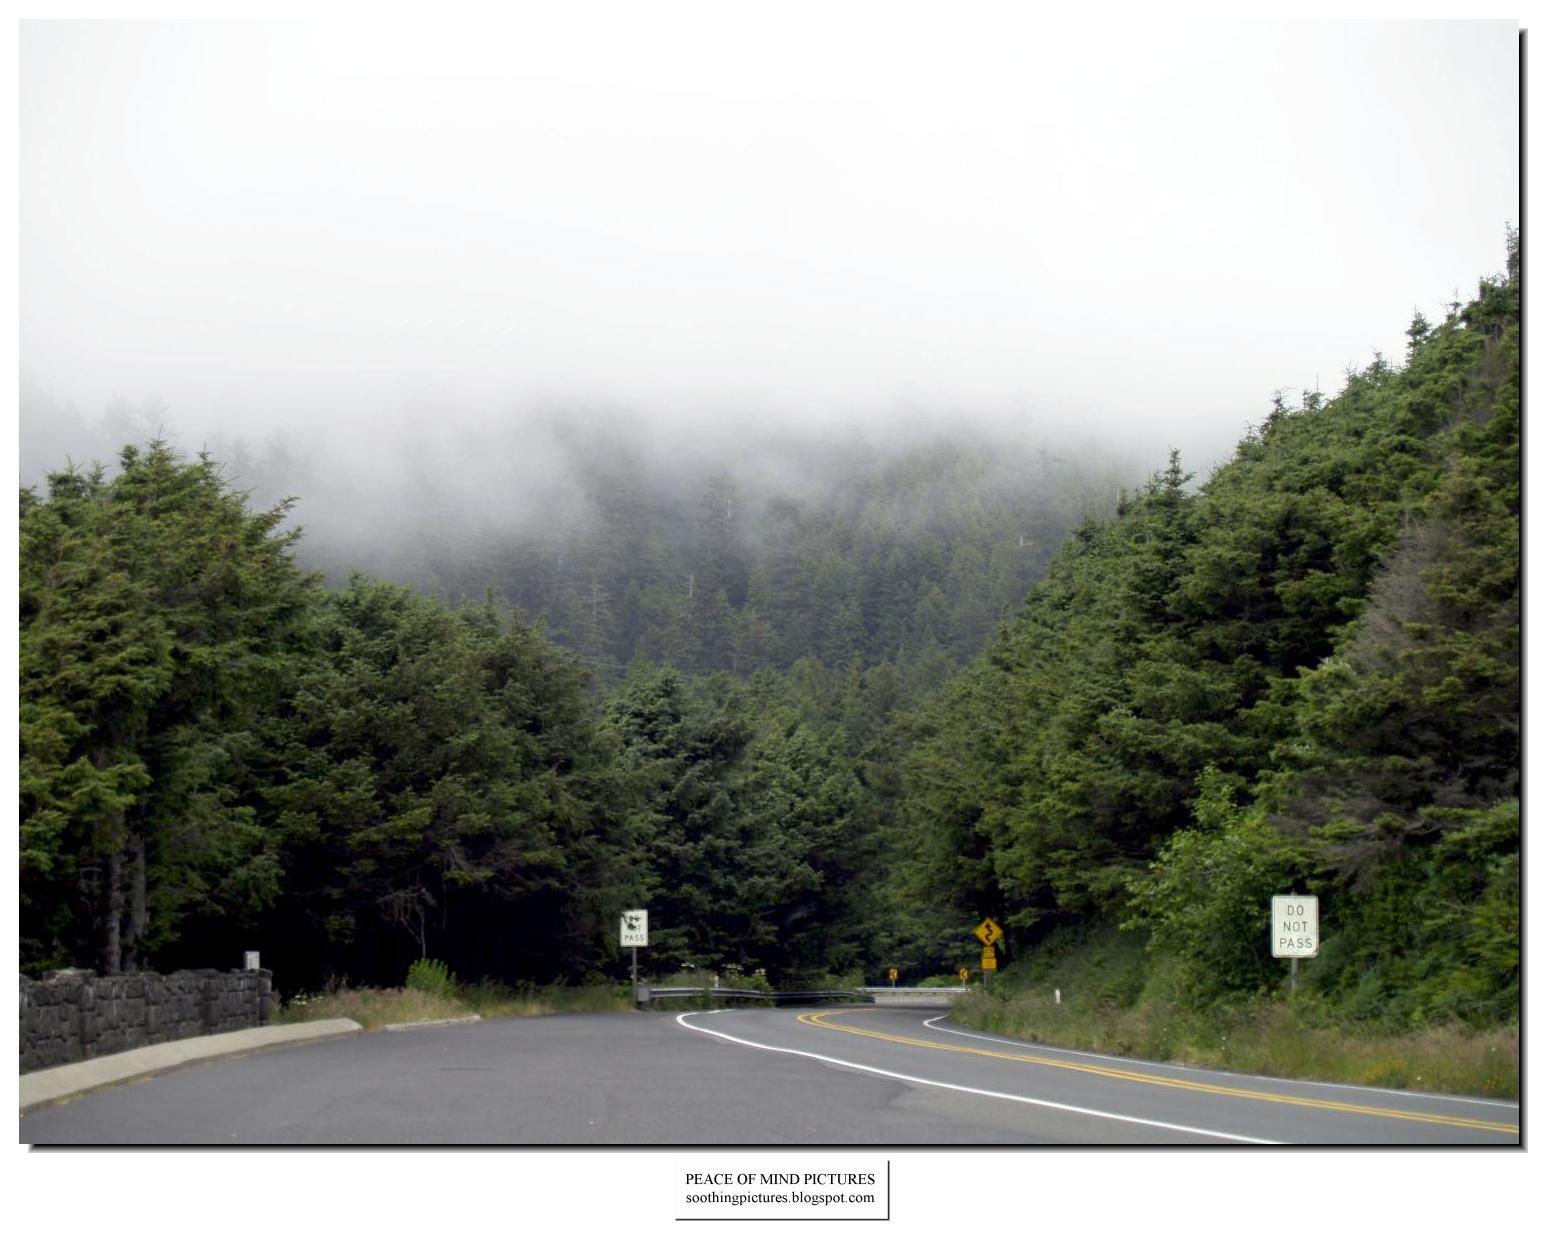 http://1.bp.blogspot.com/_8KMrX6Wq1ko/TLcU6g8g6xI/AAAAAAAAH6U/iufTeUiKJq0/s1600/peace-of-mind-pictures-fog-013.jpg